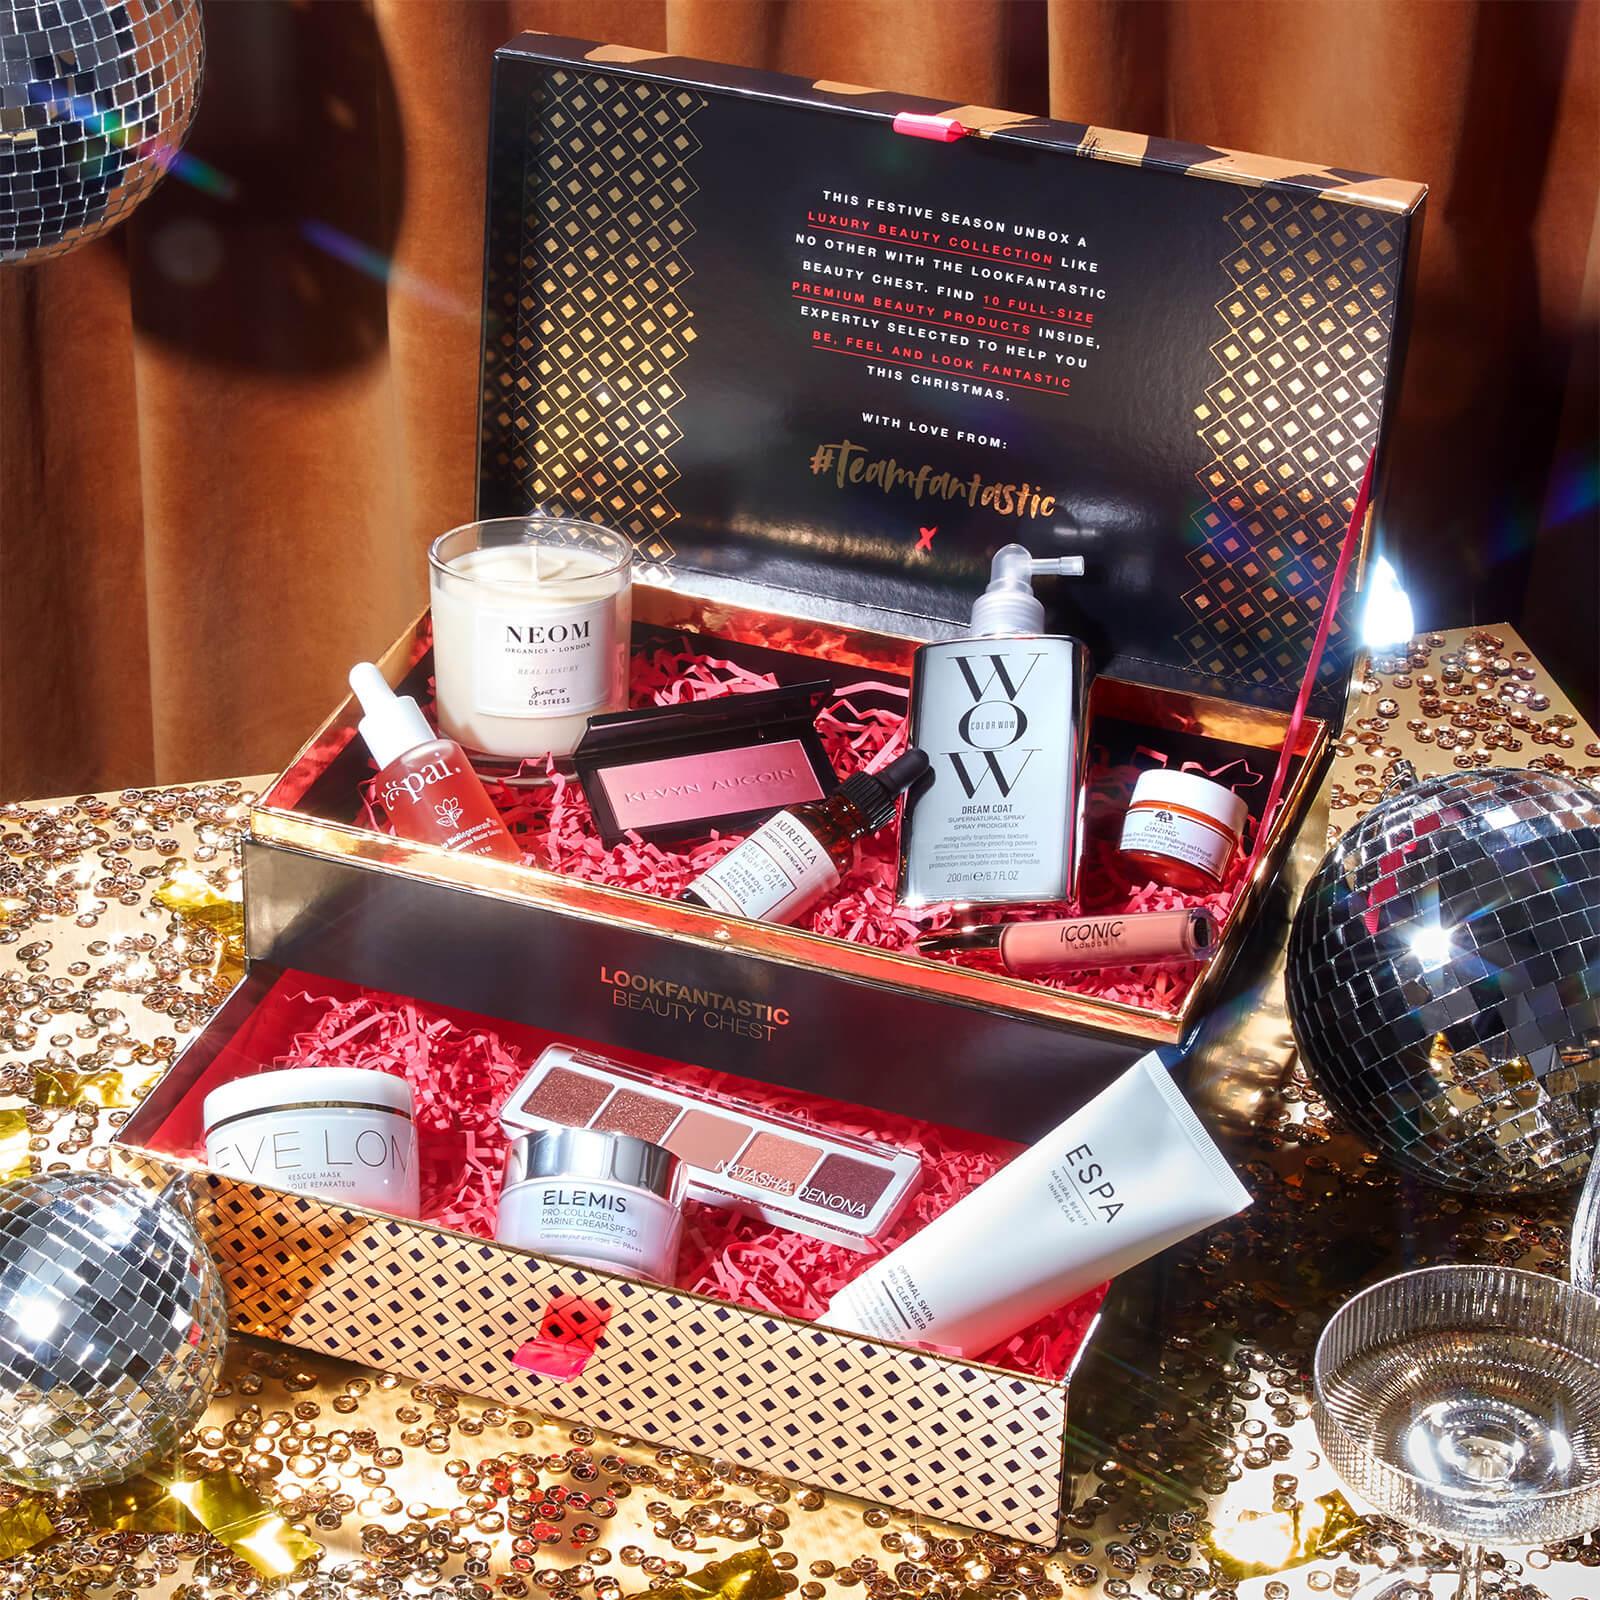 lookfantastic 聖誕禮盒